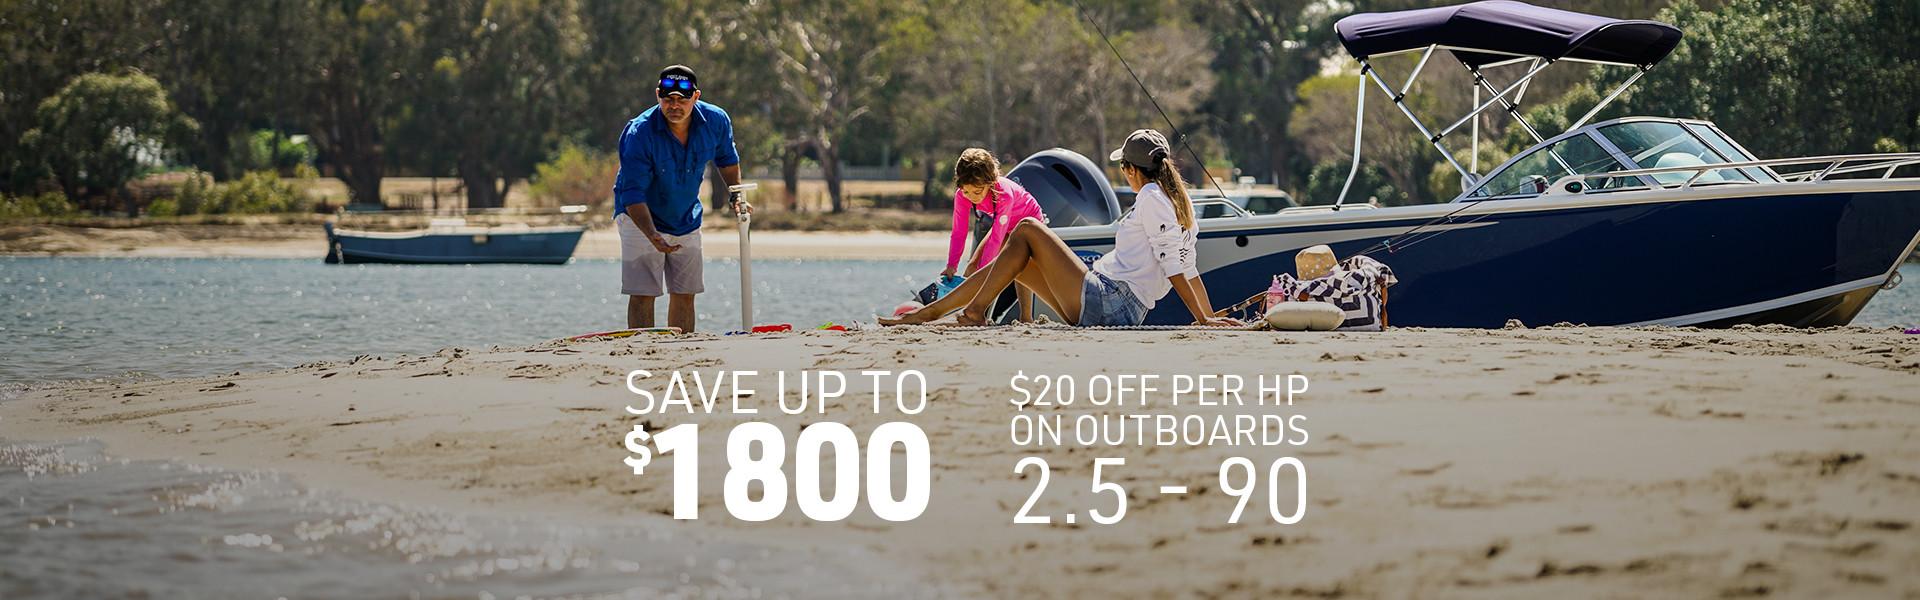 Yamaha $20 of Per HP 2.5 - 90 HP